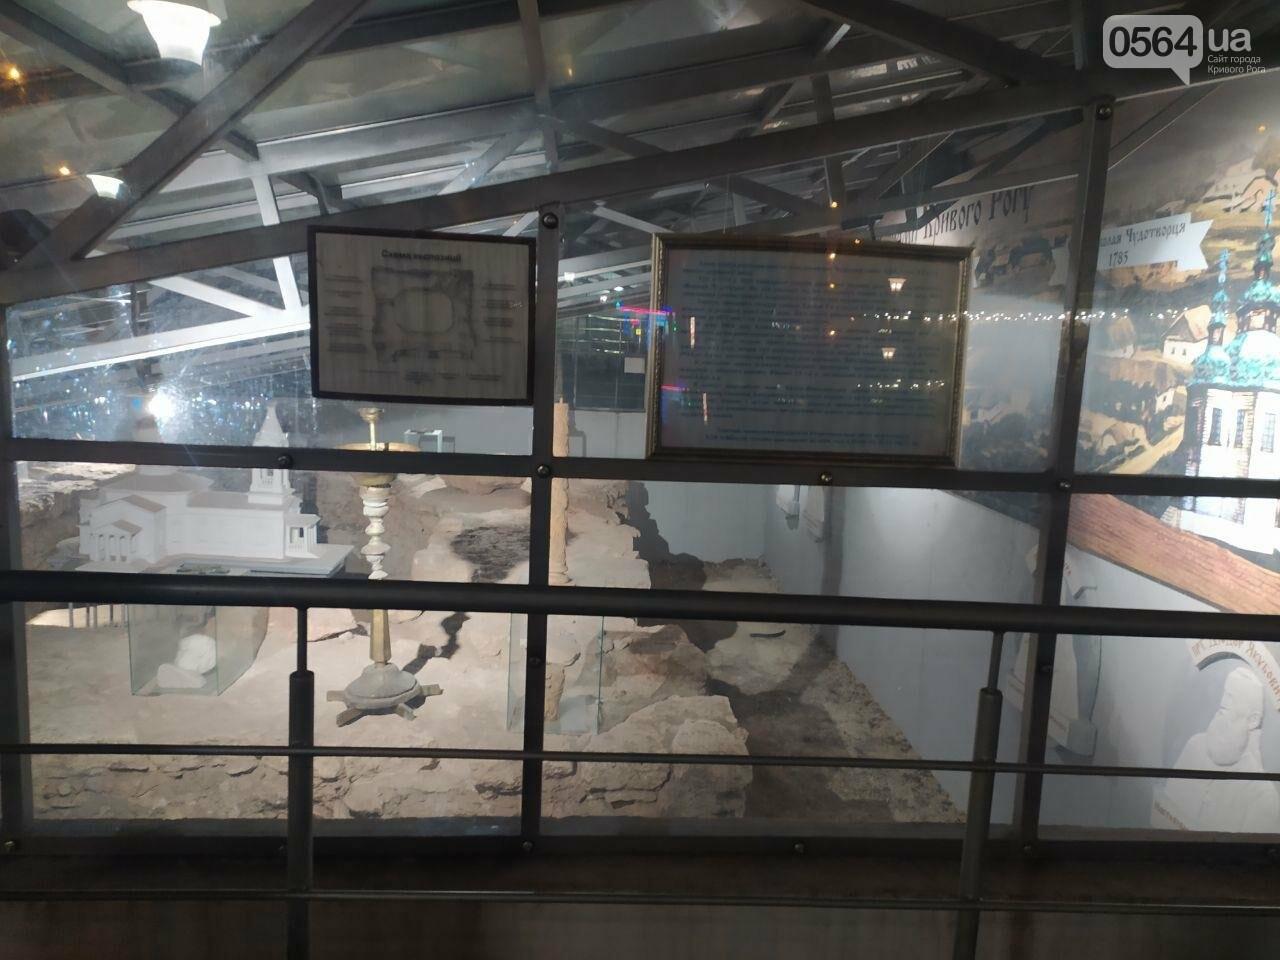 Информация о краже из музейной экспозиции в Кривом Роге в полицию не поступала. Правоохранители начали проверку, - ФОТО, фото-3